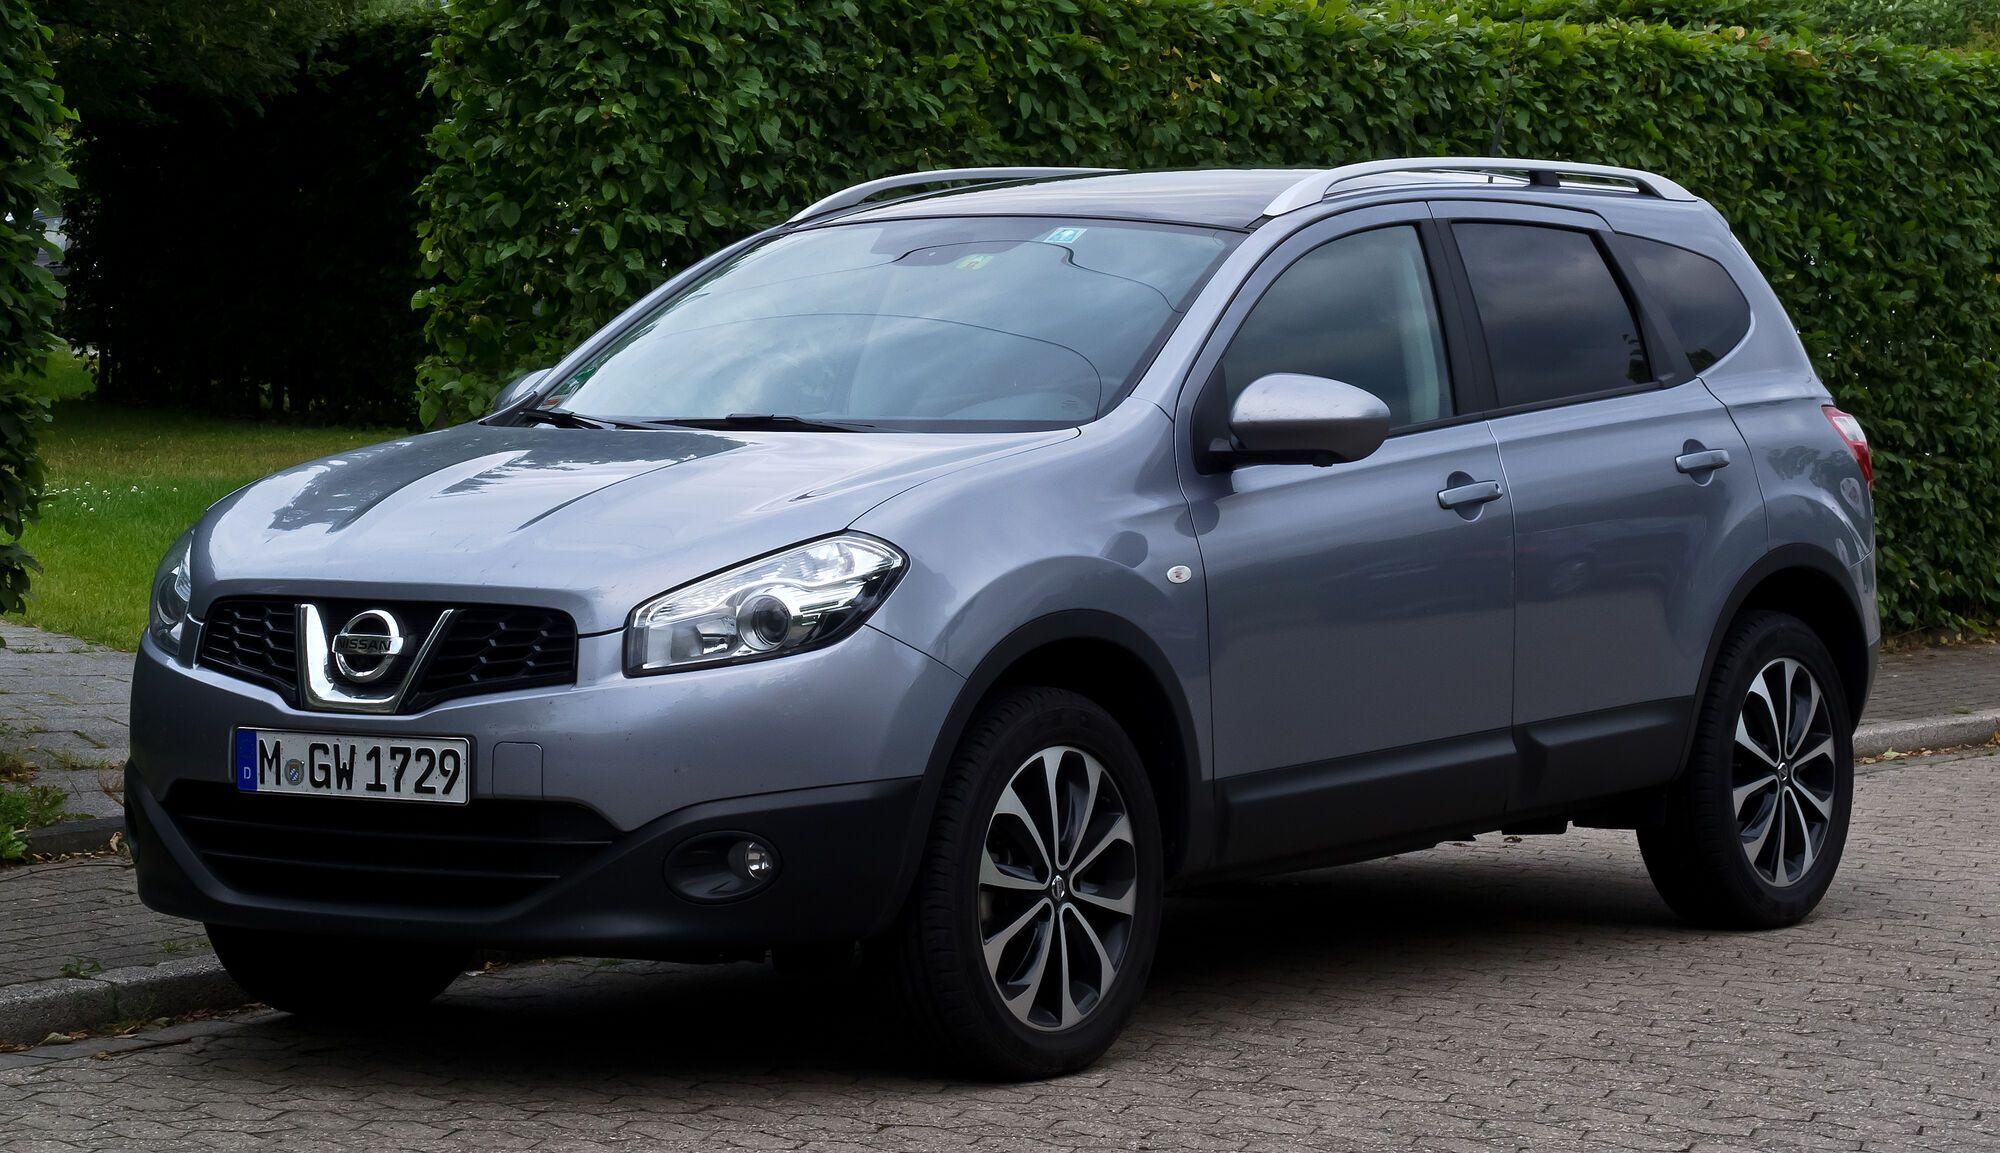 Nissan Qashqai 2007-2013 годов набрал в рейтинге надежности 45,6%